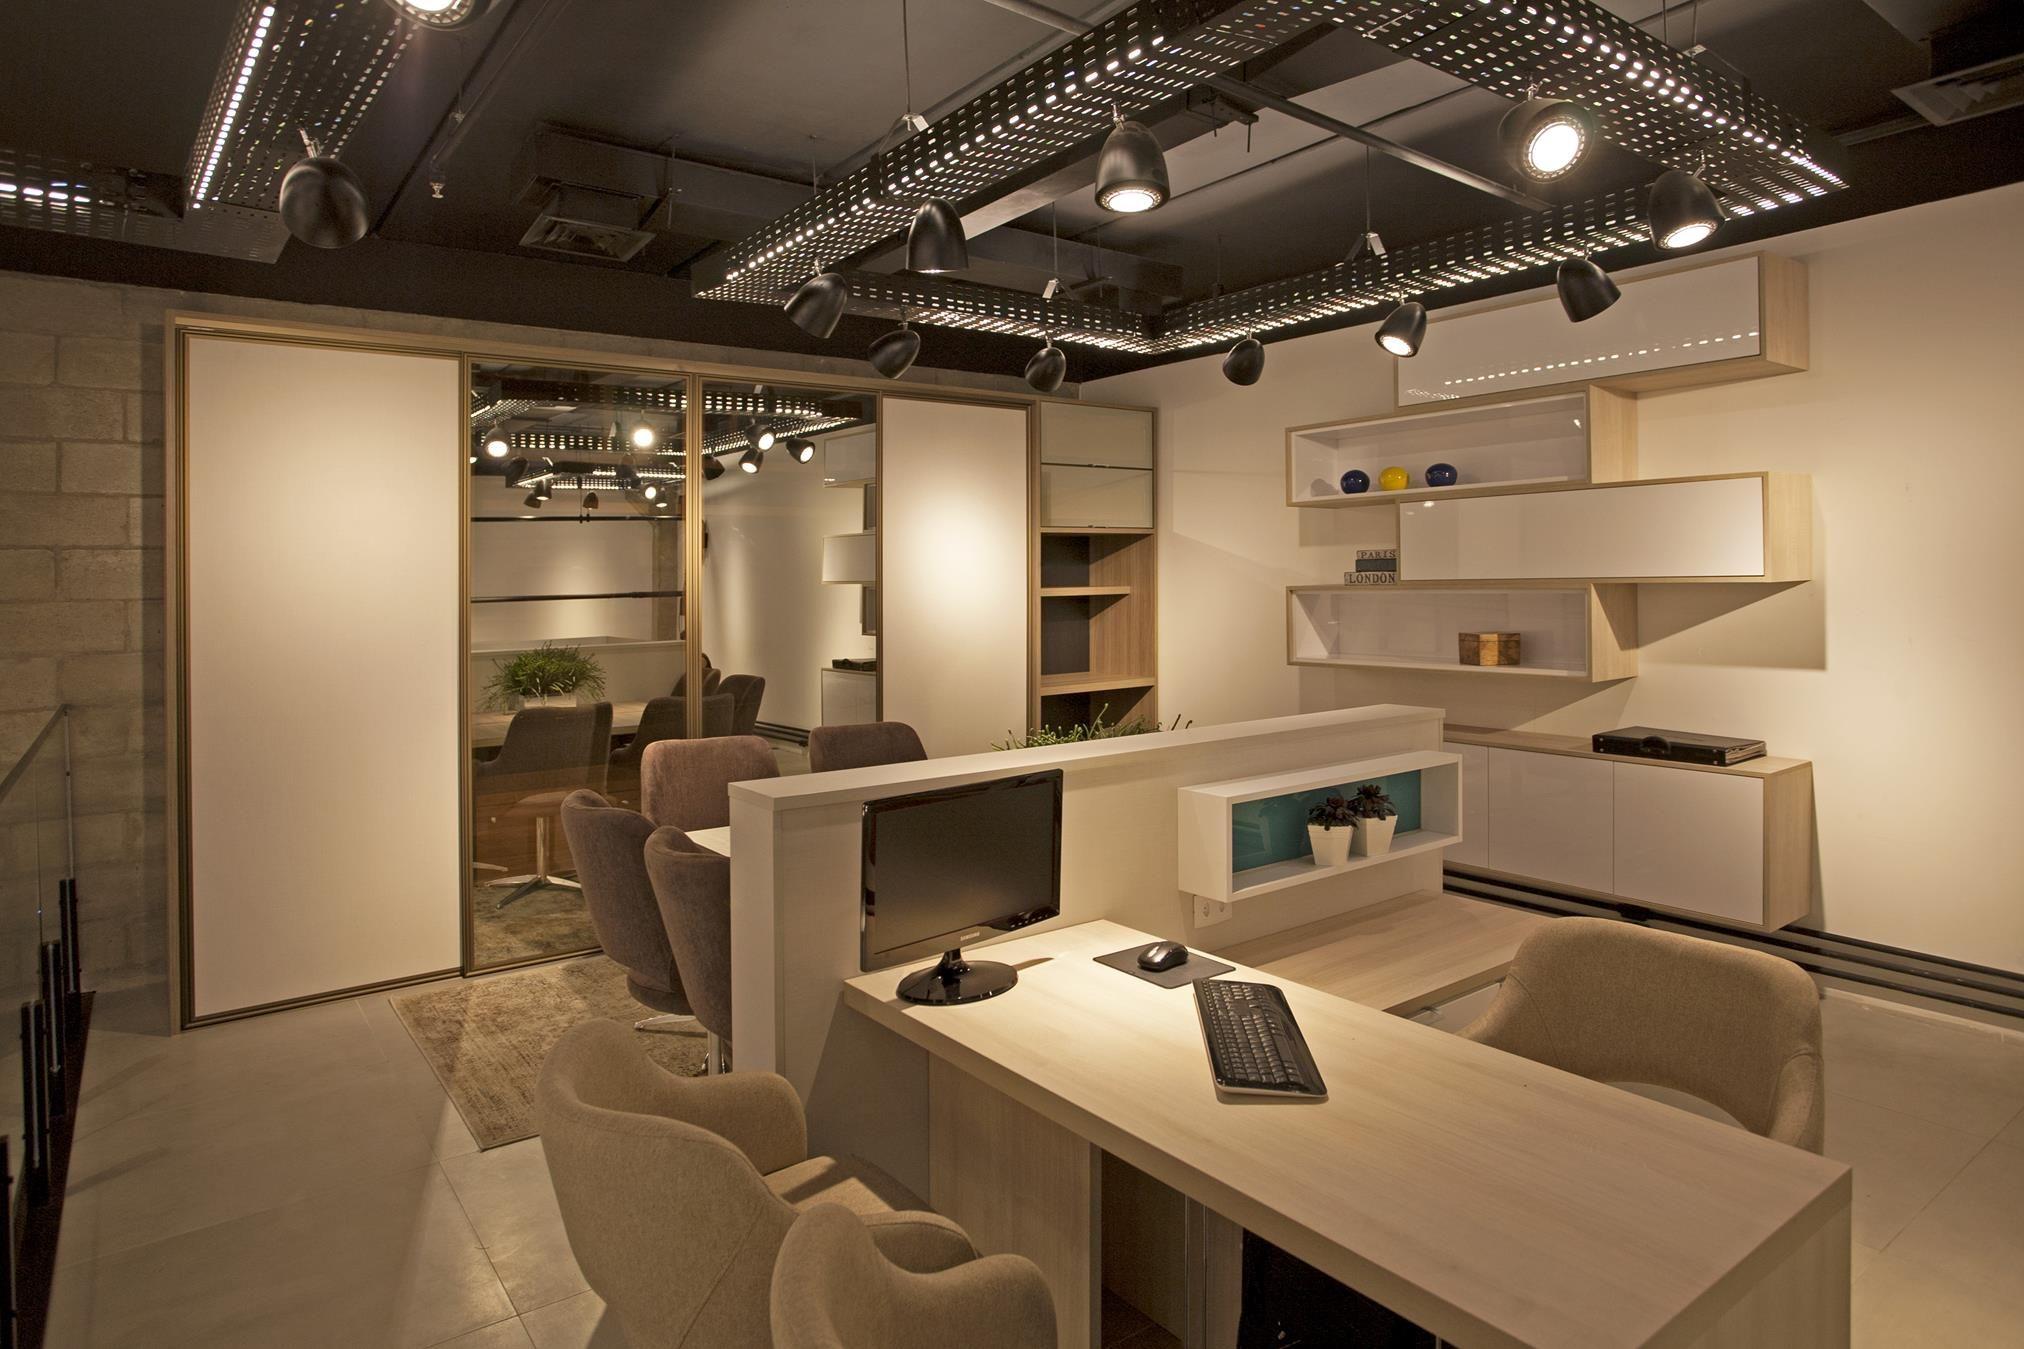 Decora o com eletrocalha pesquisa google ap for Ap lofts